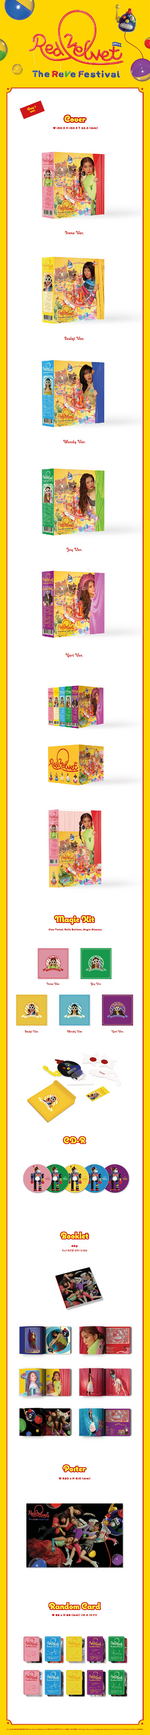 Red Velvet The ReVe Festival Day 1 album packaging (Day 1 ver.)